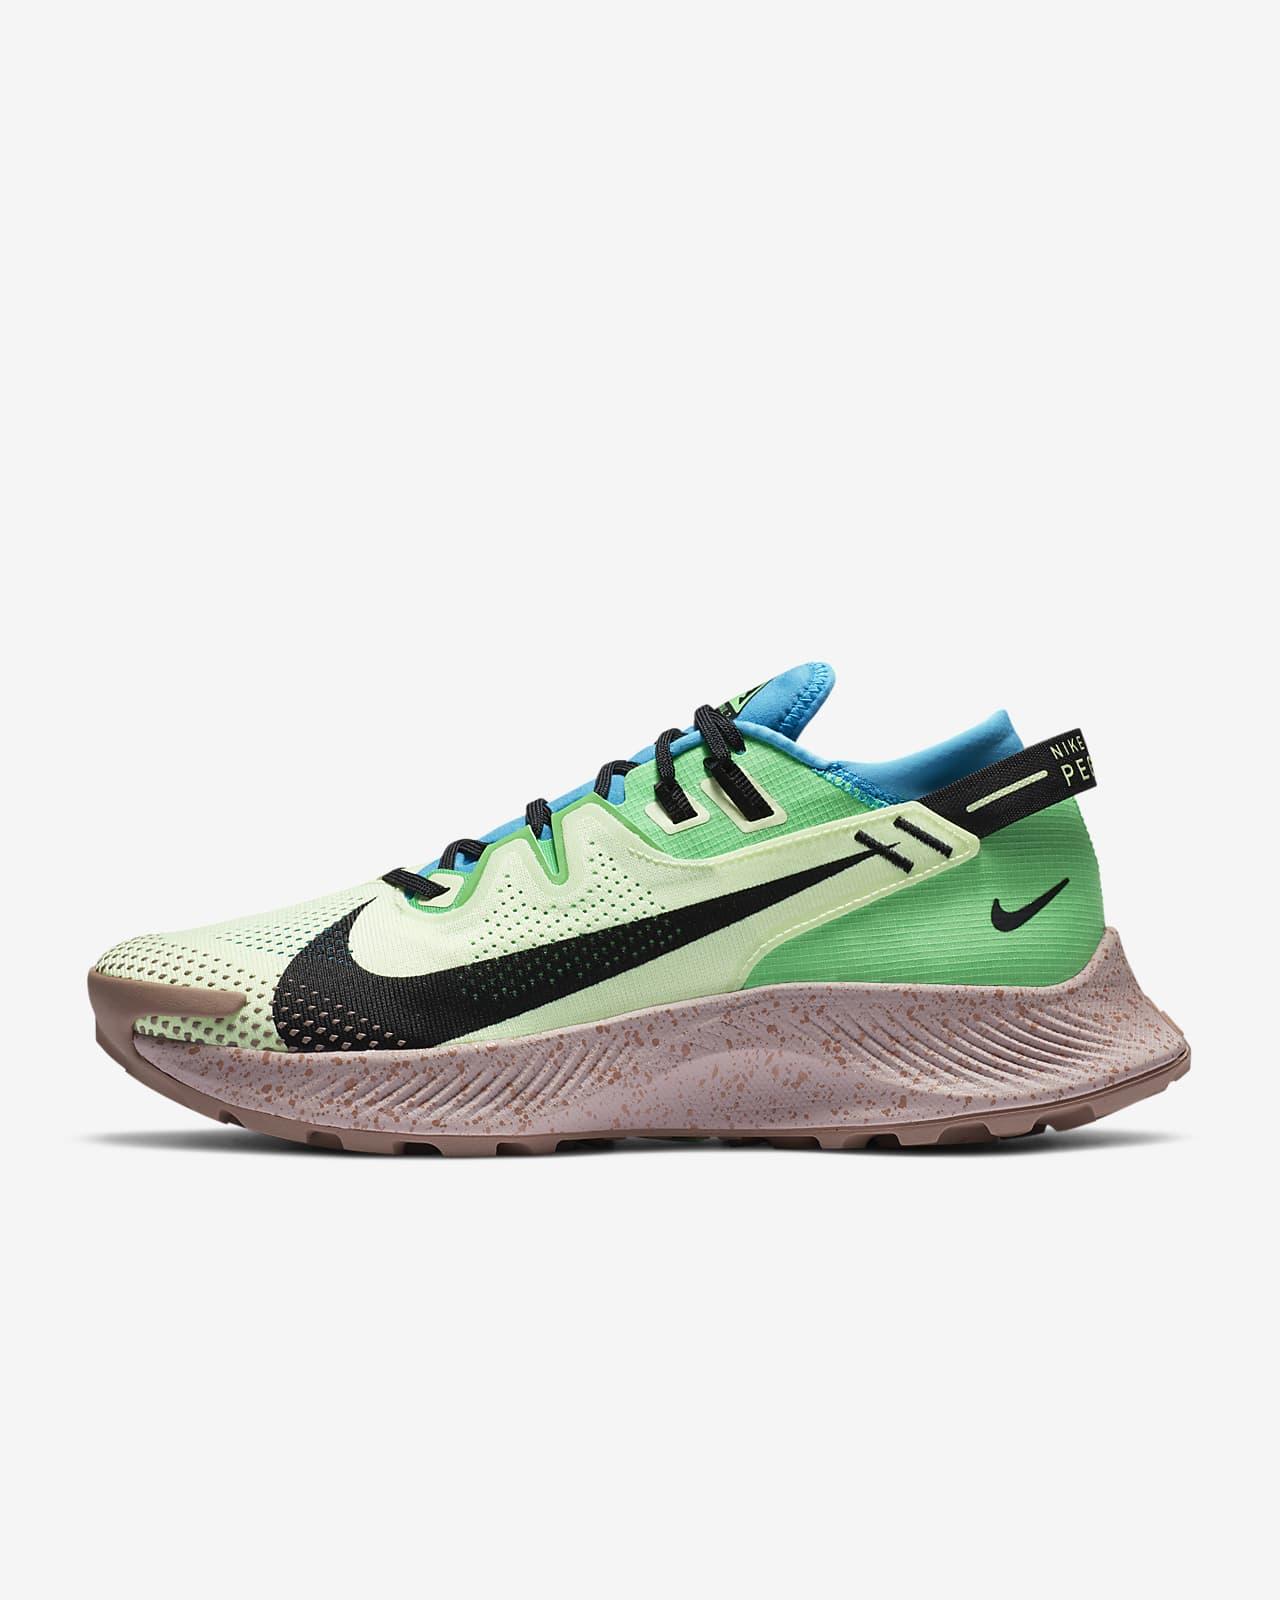 Pánská běžecká trailová bota Nike Pegasus Trail 2